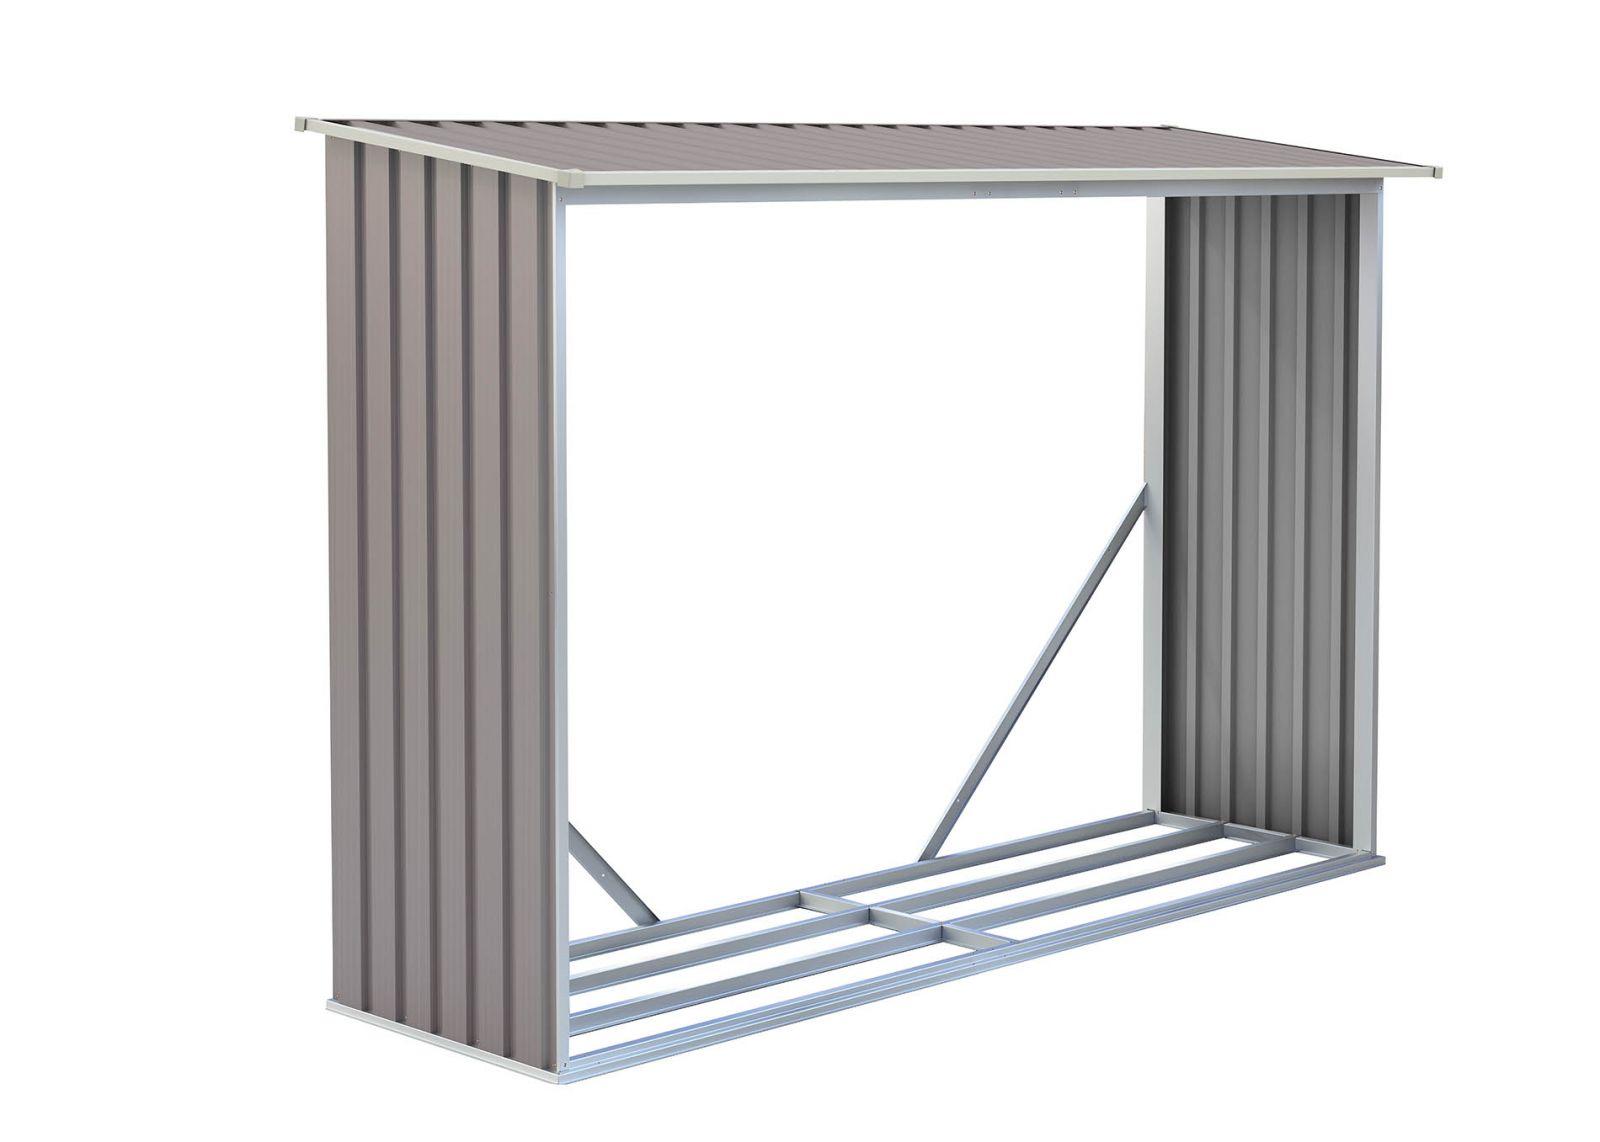 Zahradní přístřešek na dřevo WOH 181 - šedý